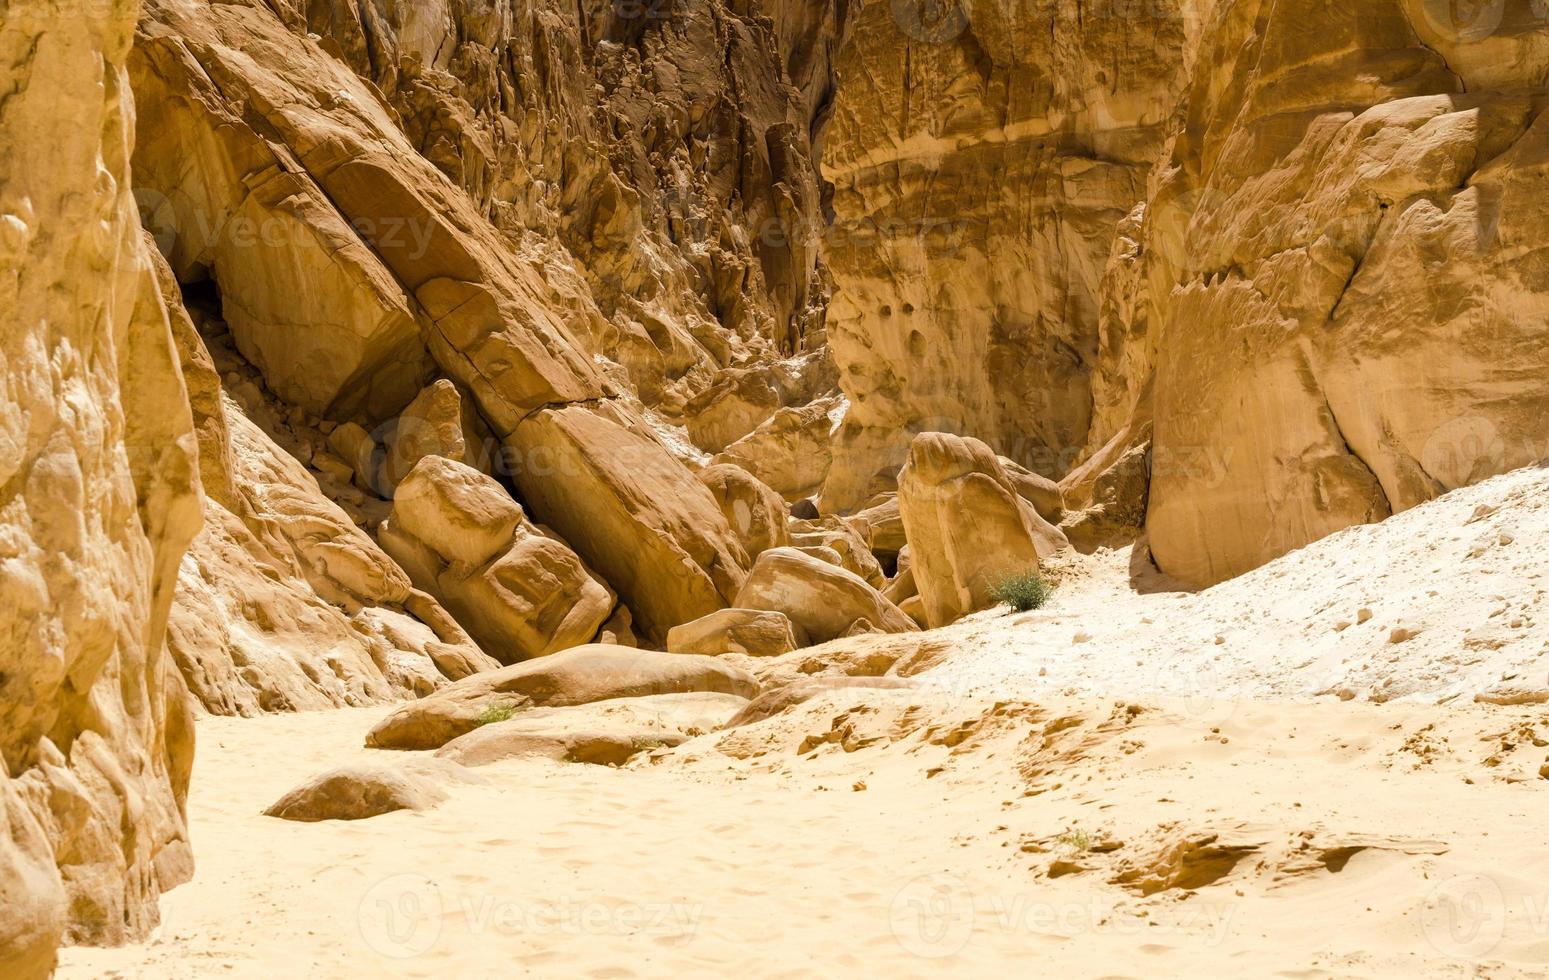 roches et sable photo